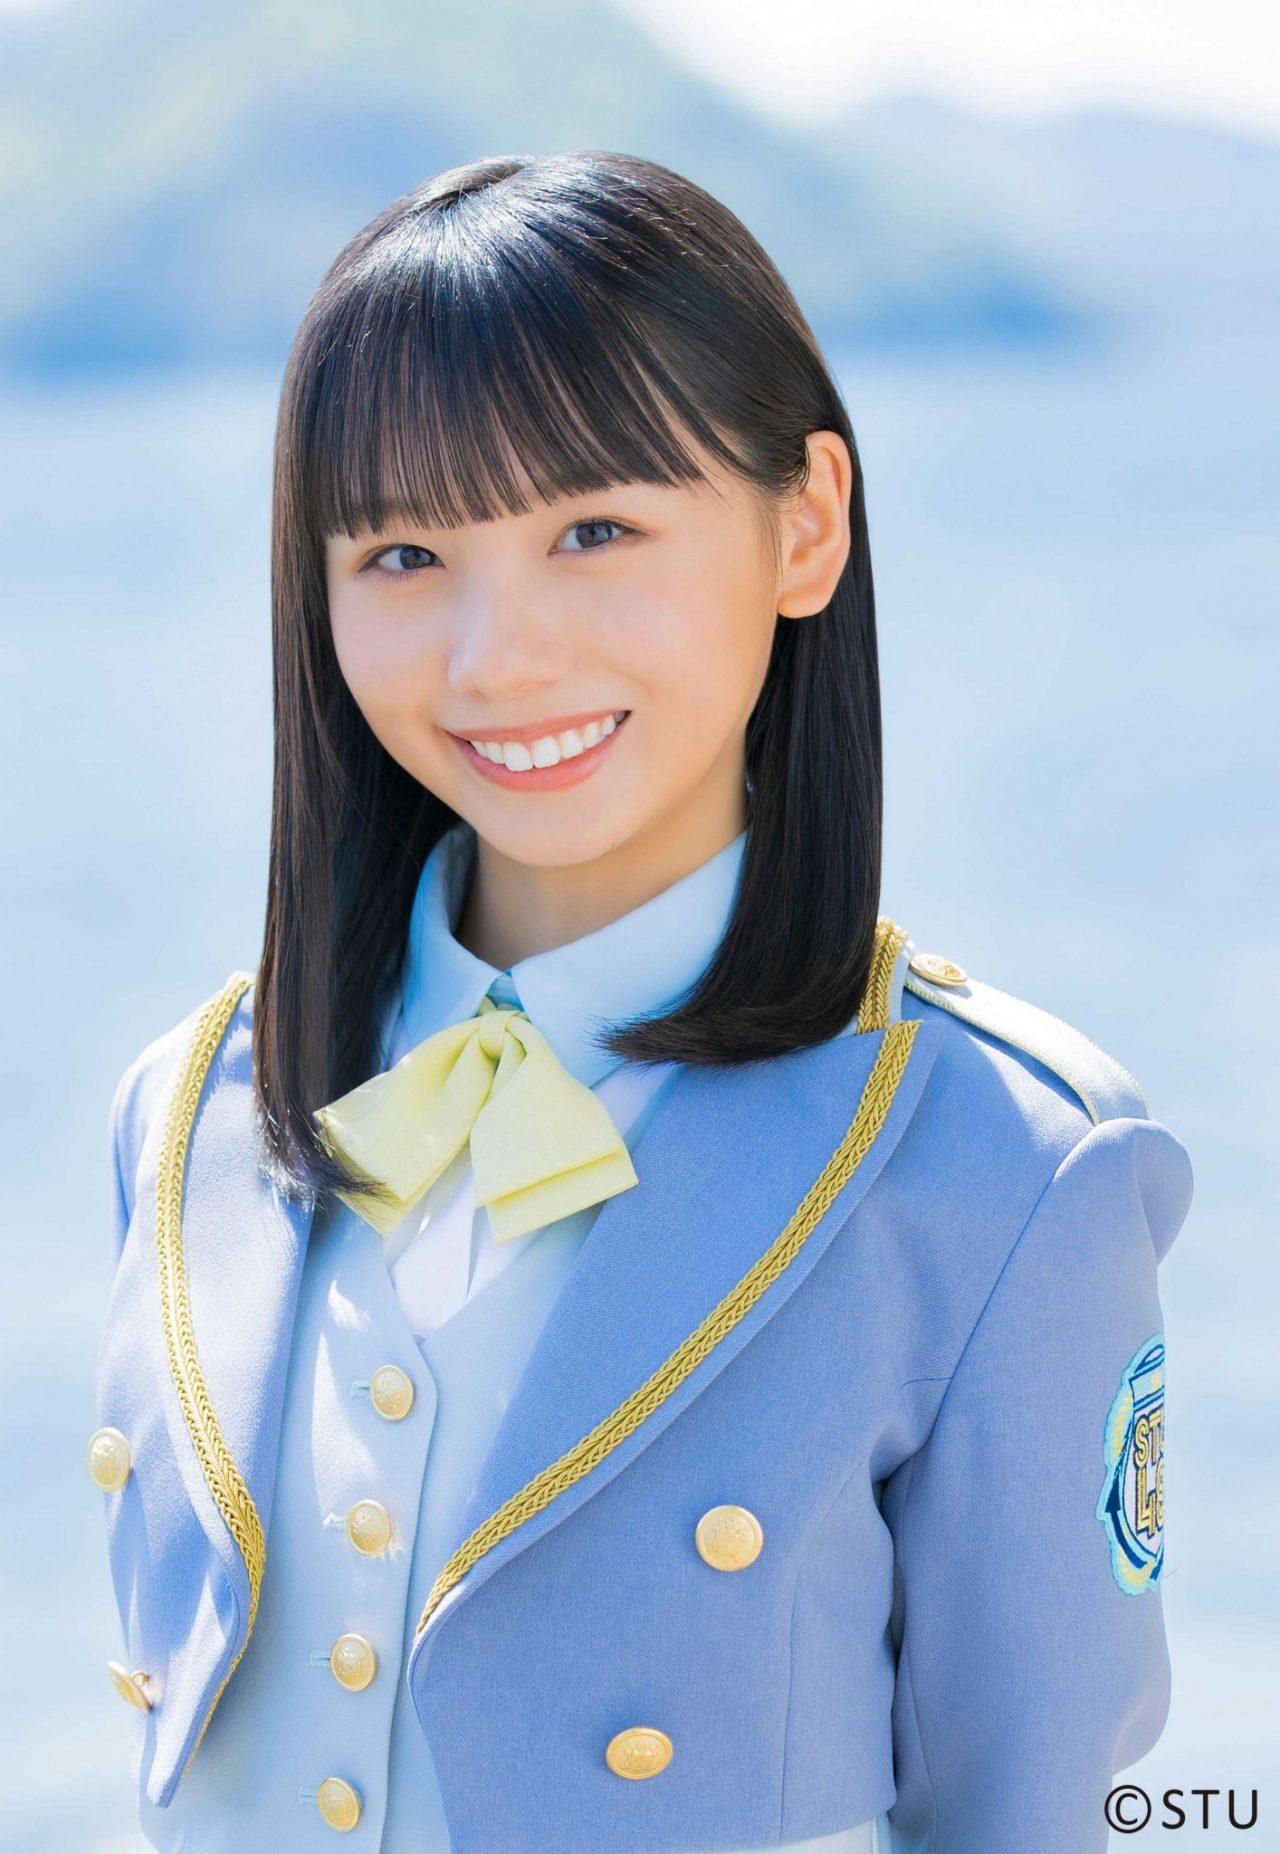 ロードモバイル【ニュース】:STU48メンバー5名が参戦する「ファン参加型パワーバトル」開催!